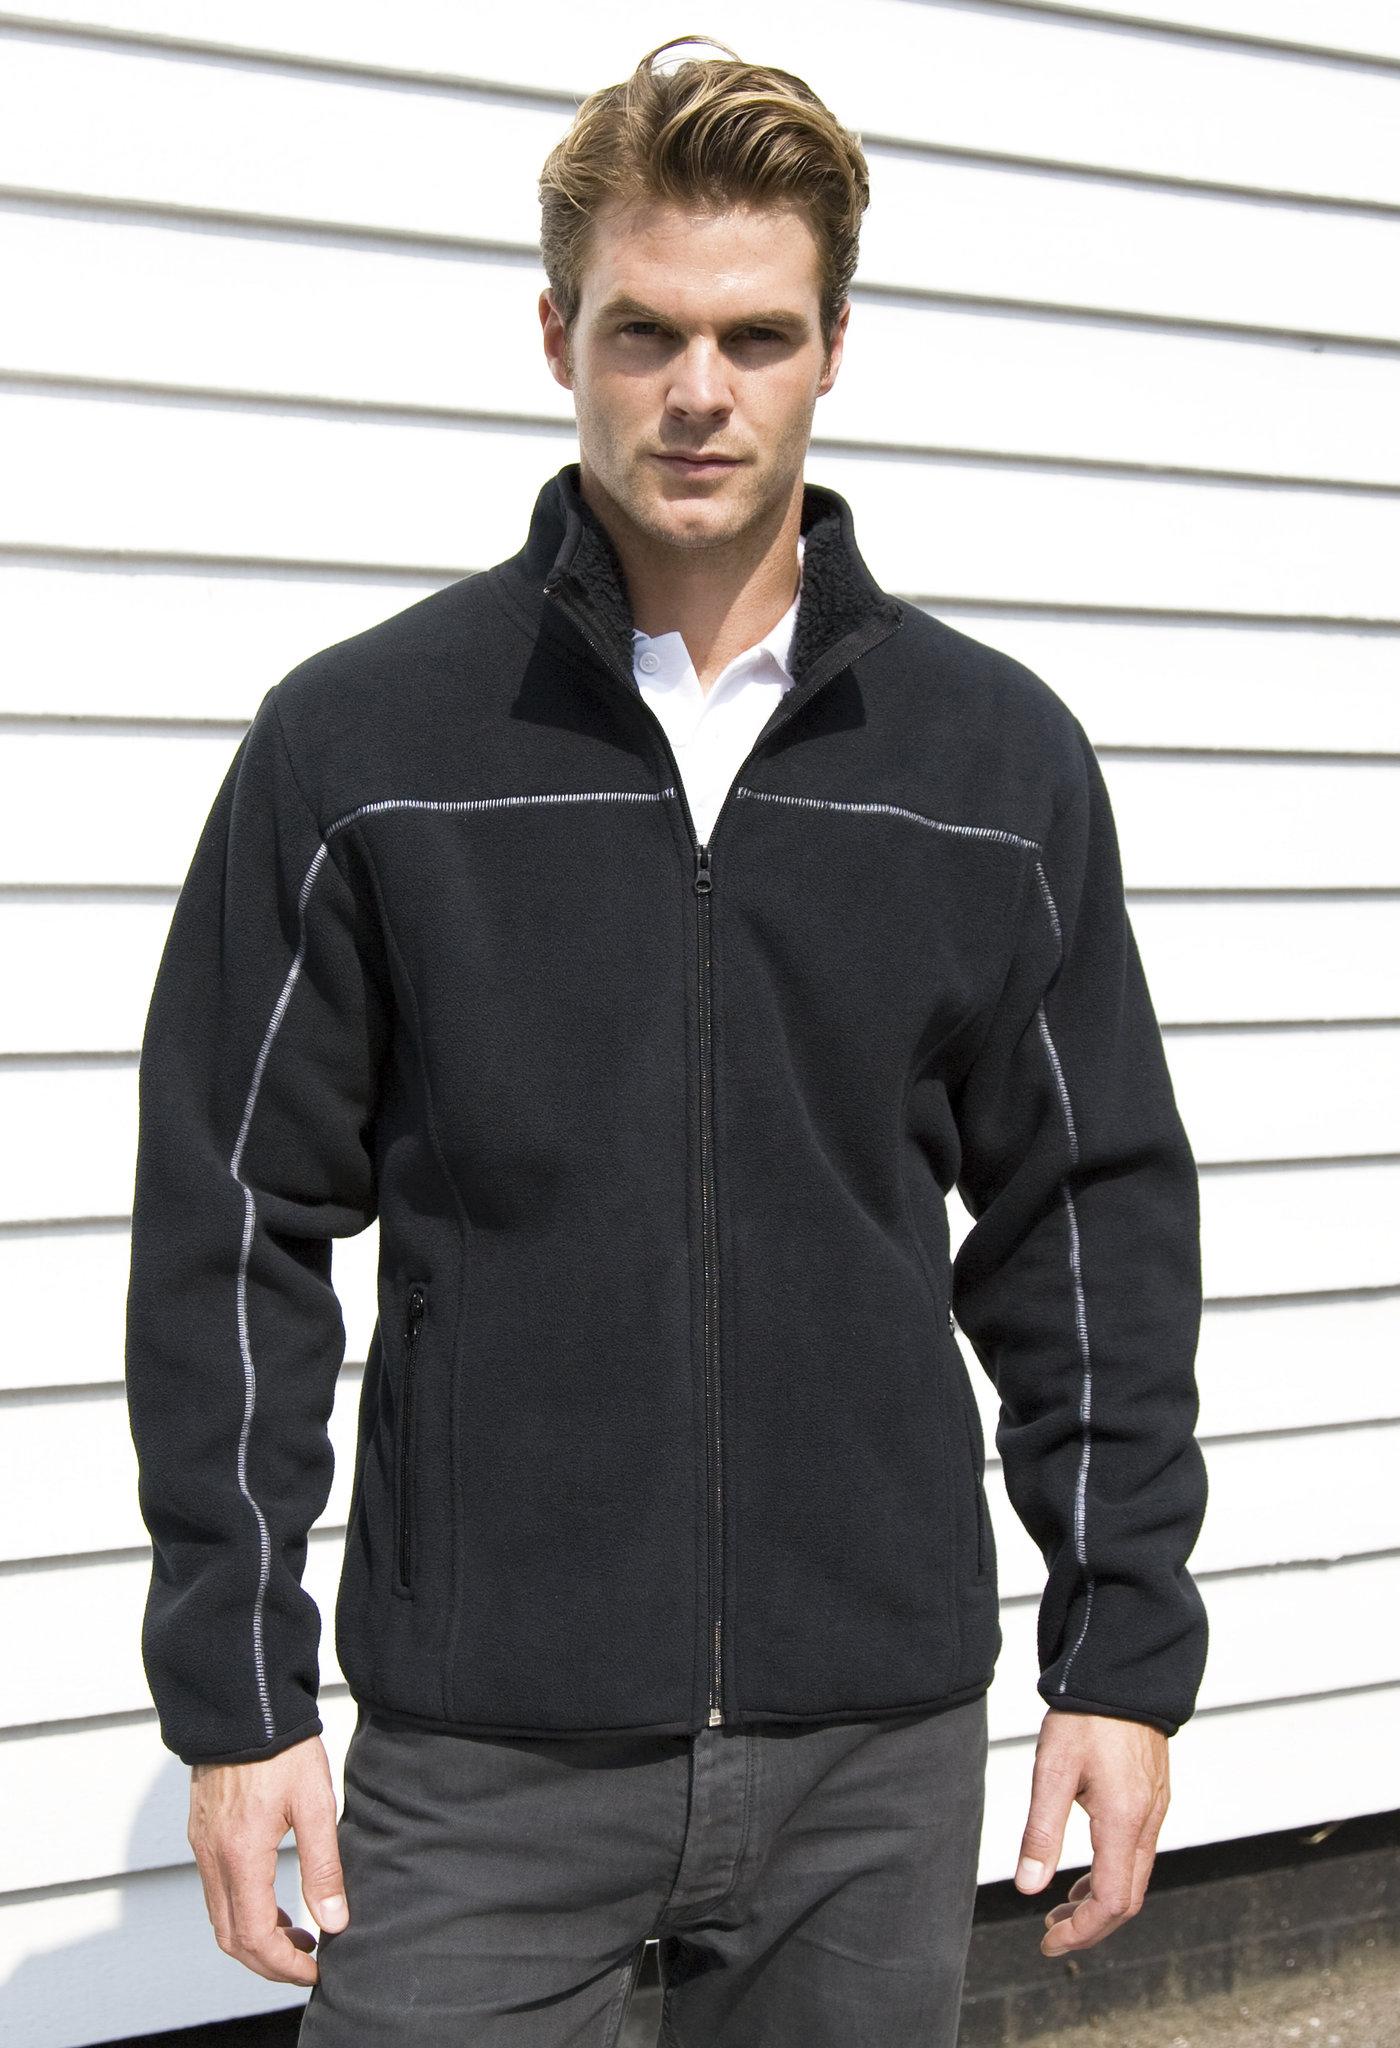 Veste polaire personnalisable Huggy noire - veste polaire publicitaire